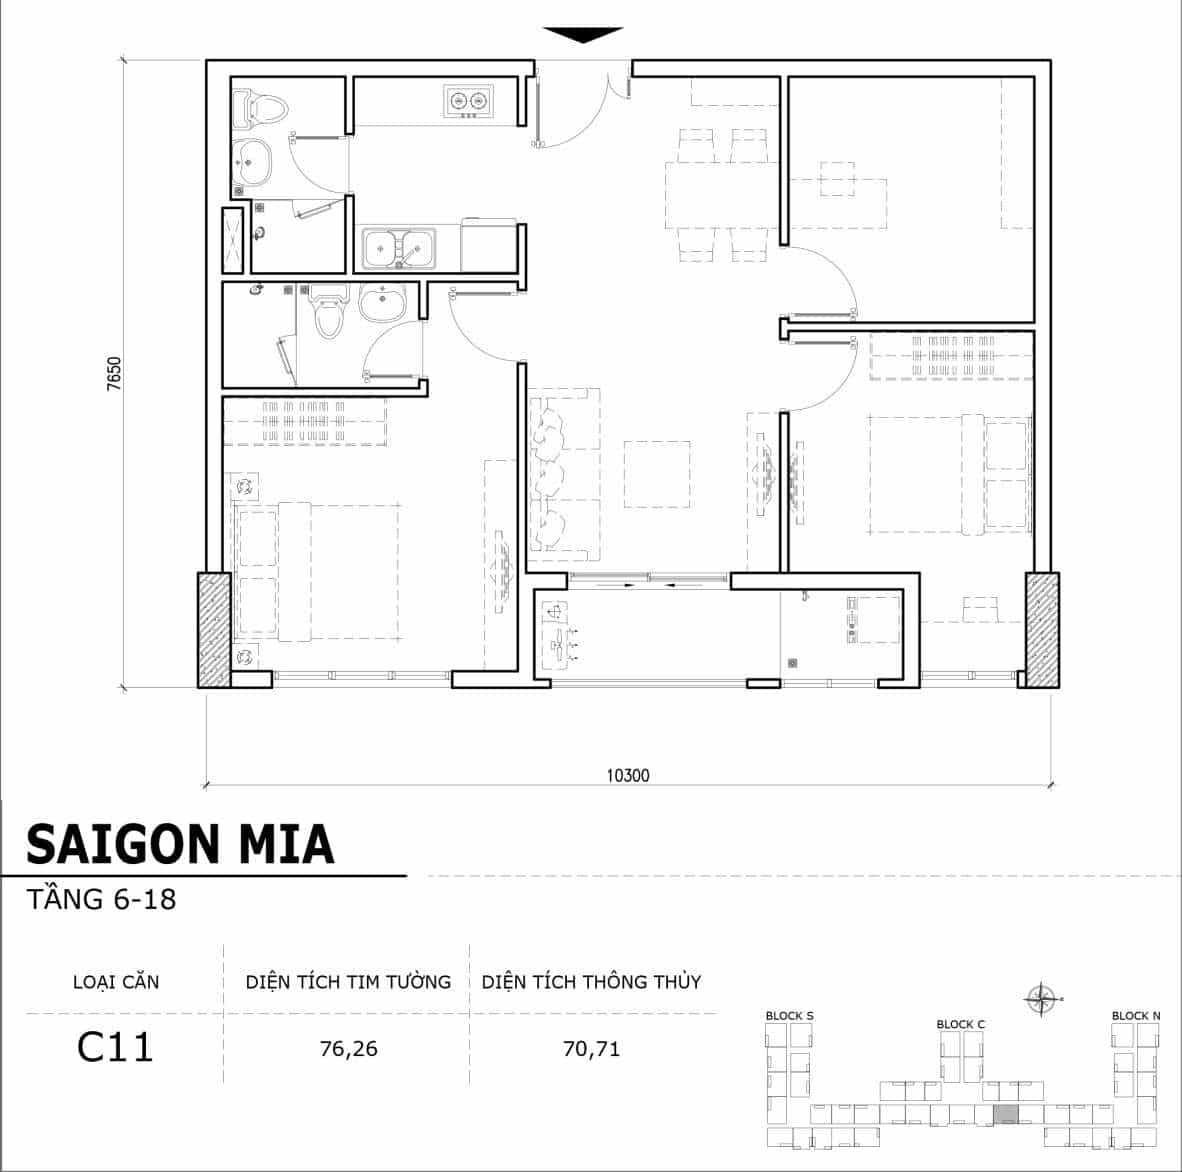 Chi tiết thiết kế căn hộ điển hình tầng 6-18 dự án Sài Gòn Mia - Căn C11